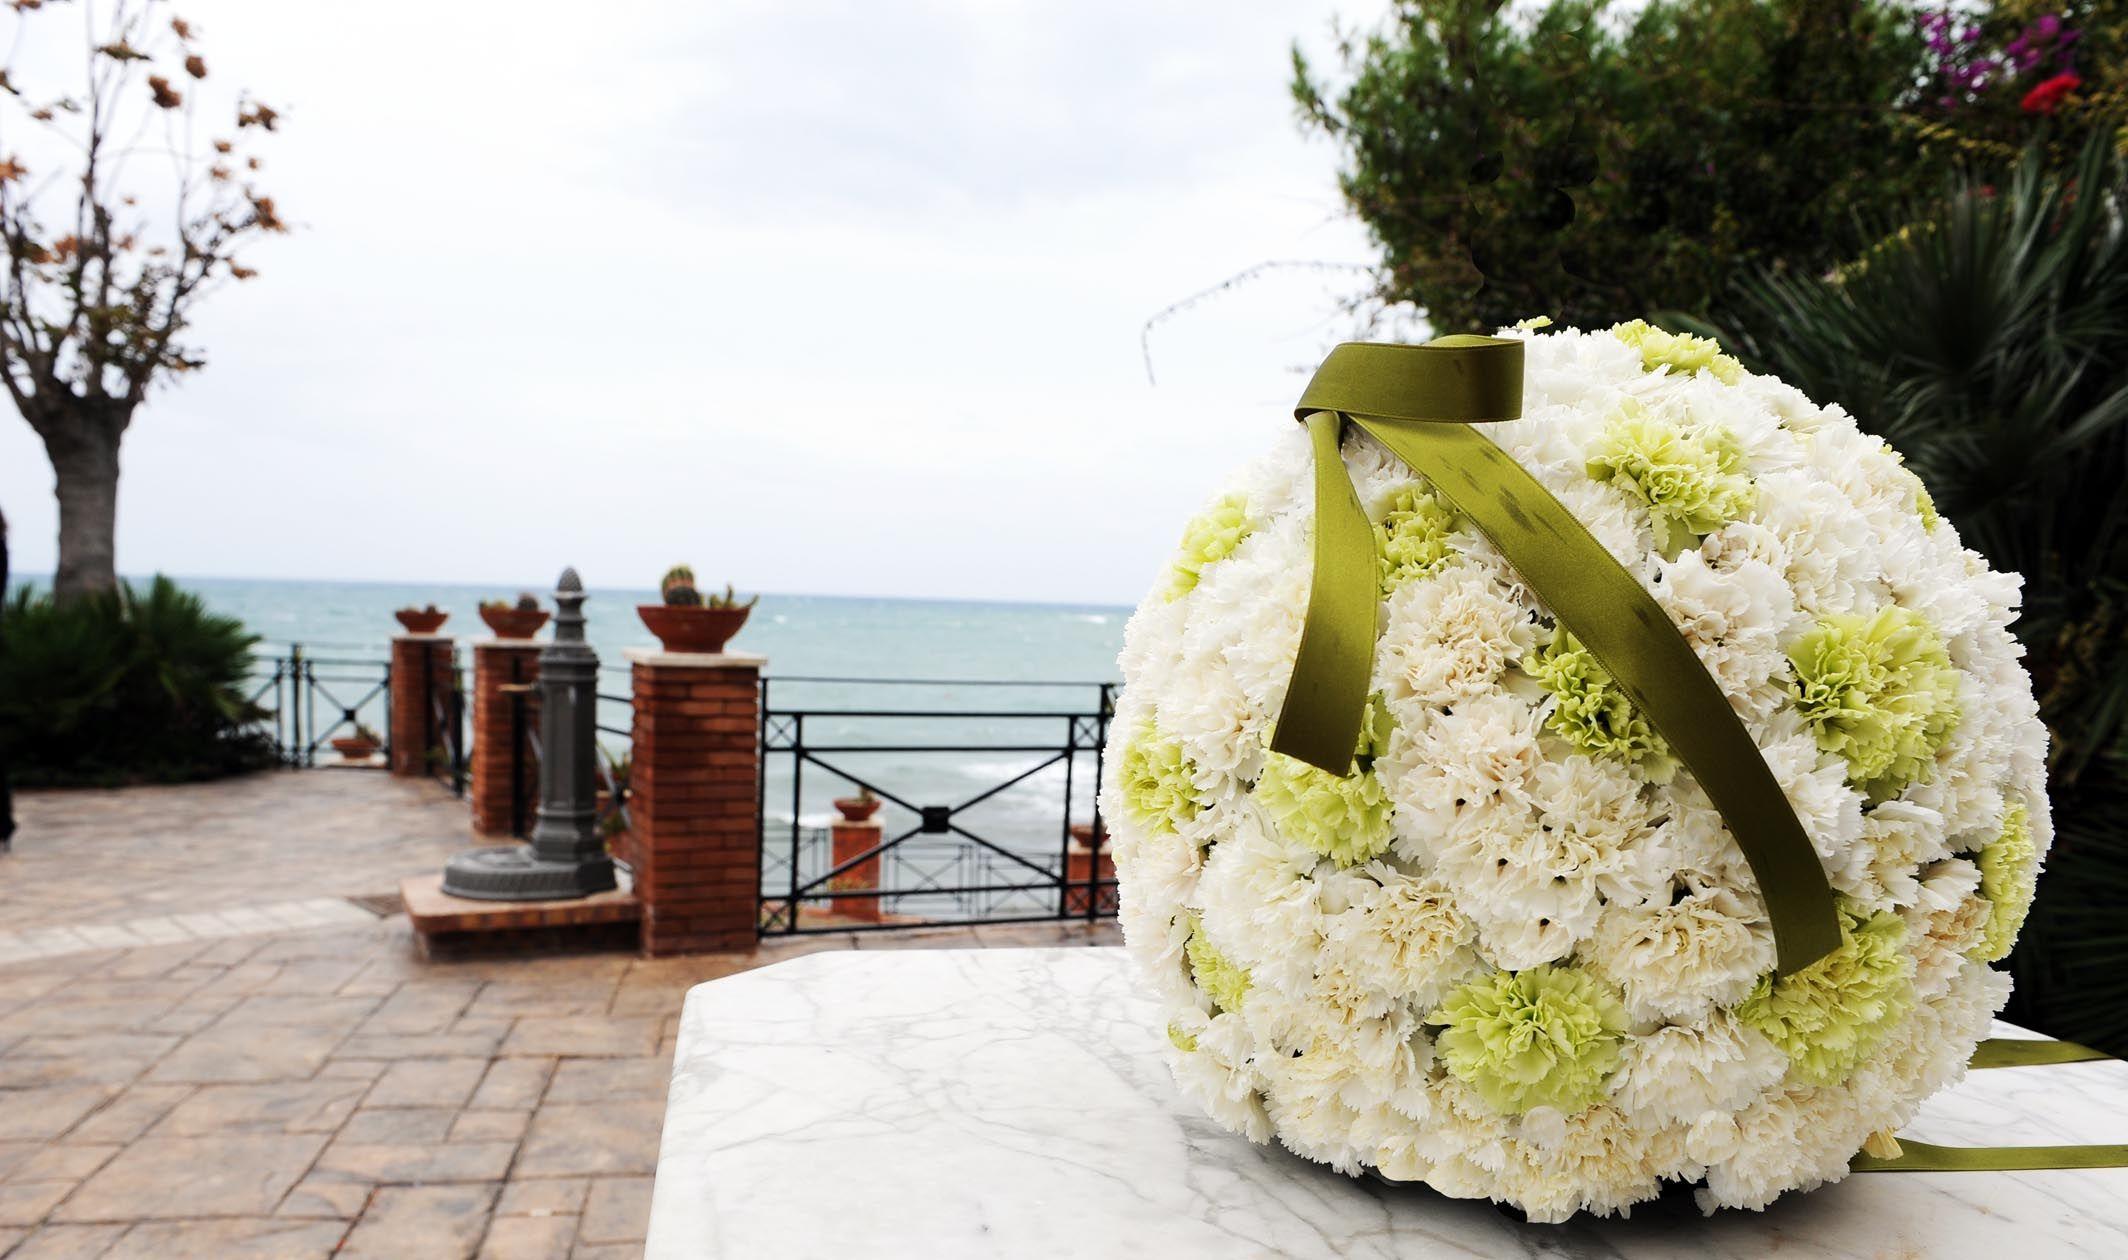 Gli allestimenti floreali in Chiesa a cura del team di wedding planner Buccella Associati.Scoprite le proposte in boutique.    www.amatelier.com  www.buccellaassociati.it